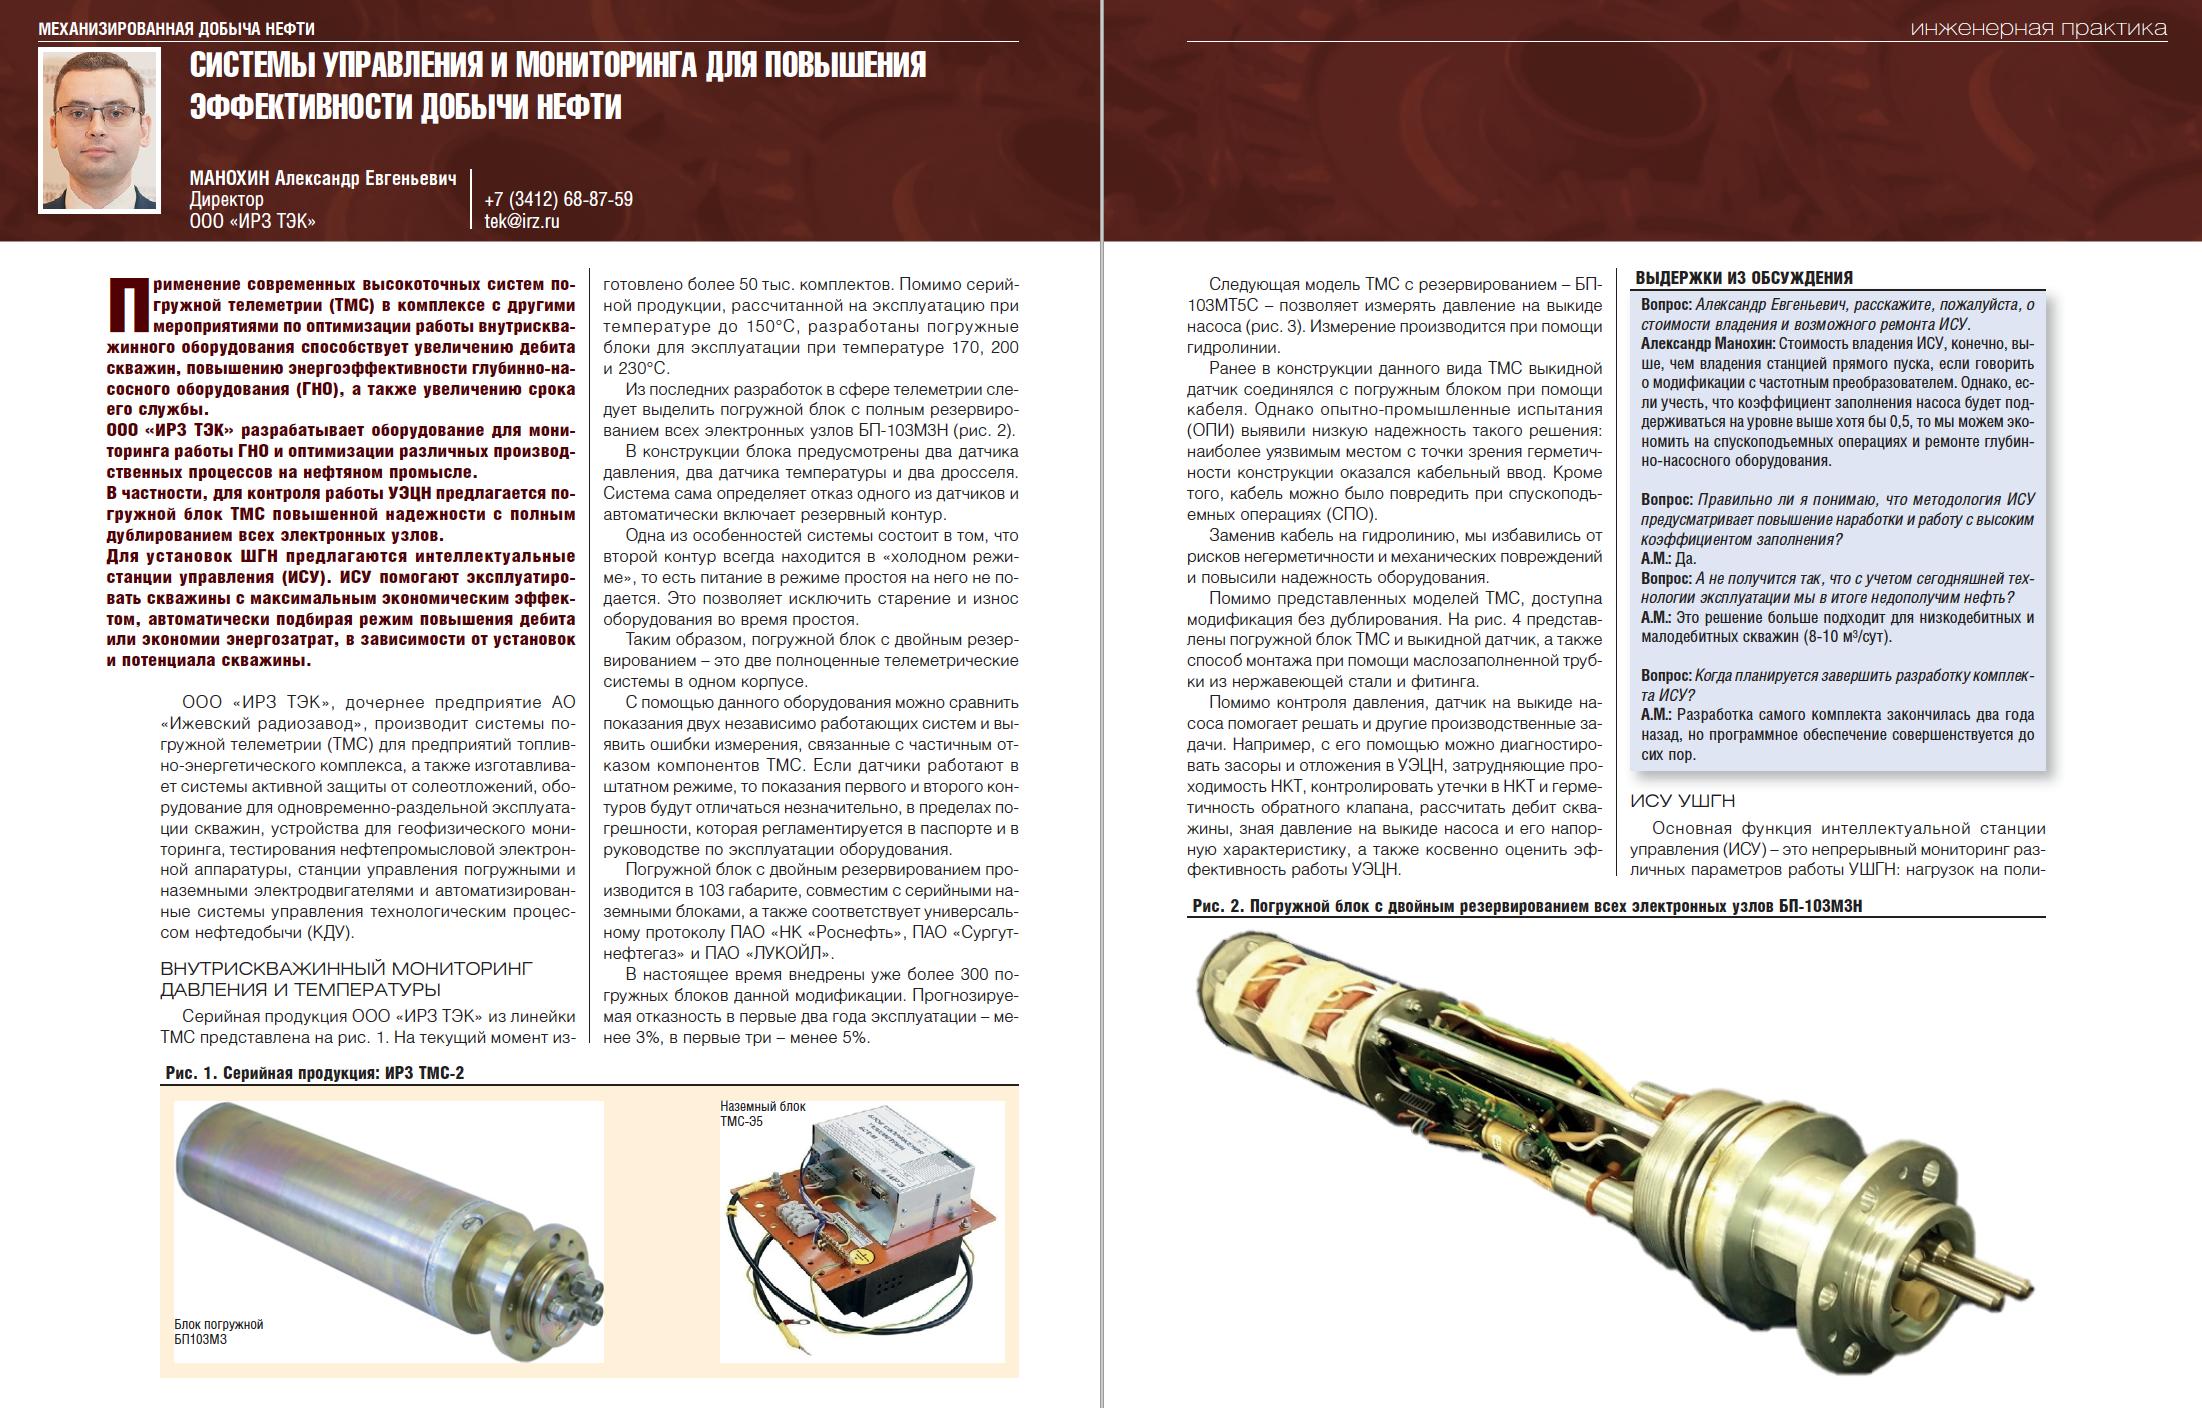 35015 Системы управления и мониторинга для повышения эффективности добычи нефти